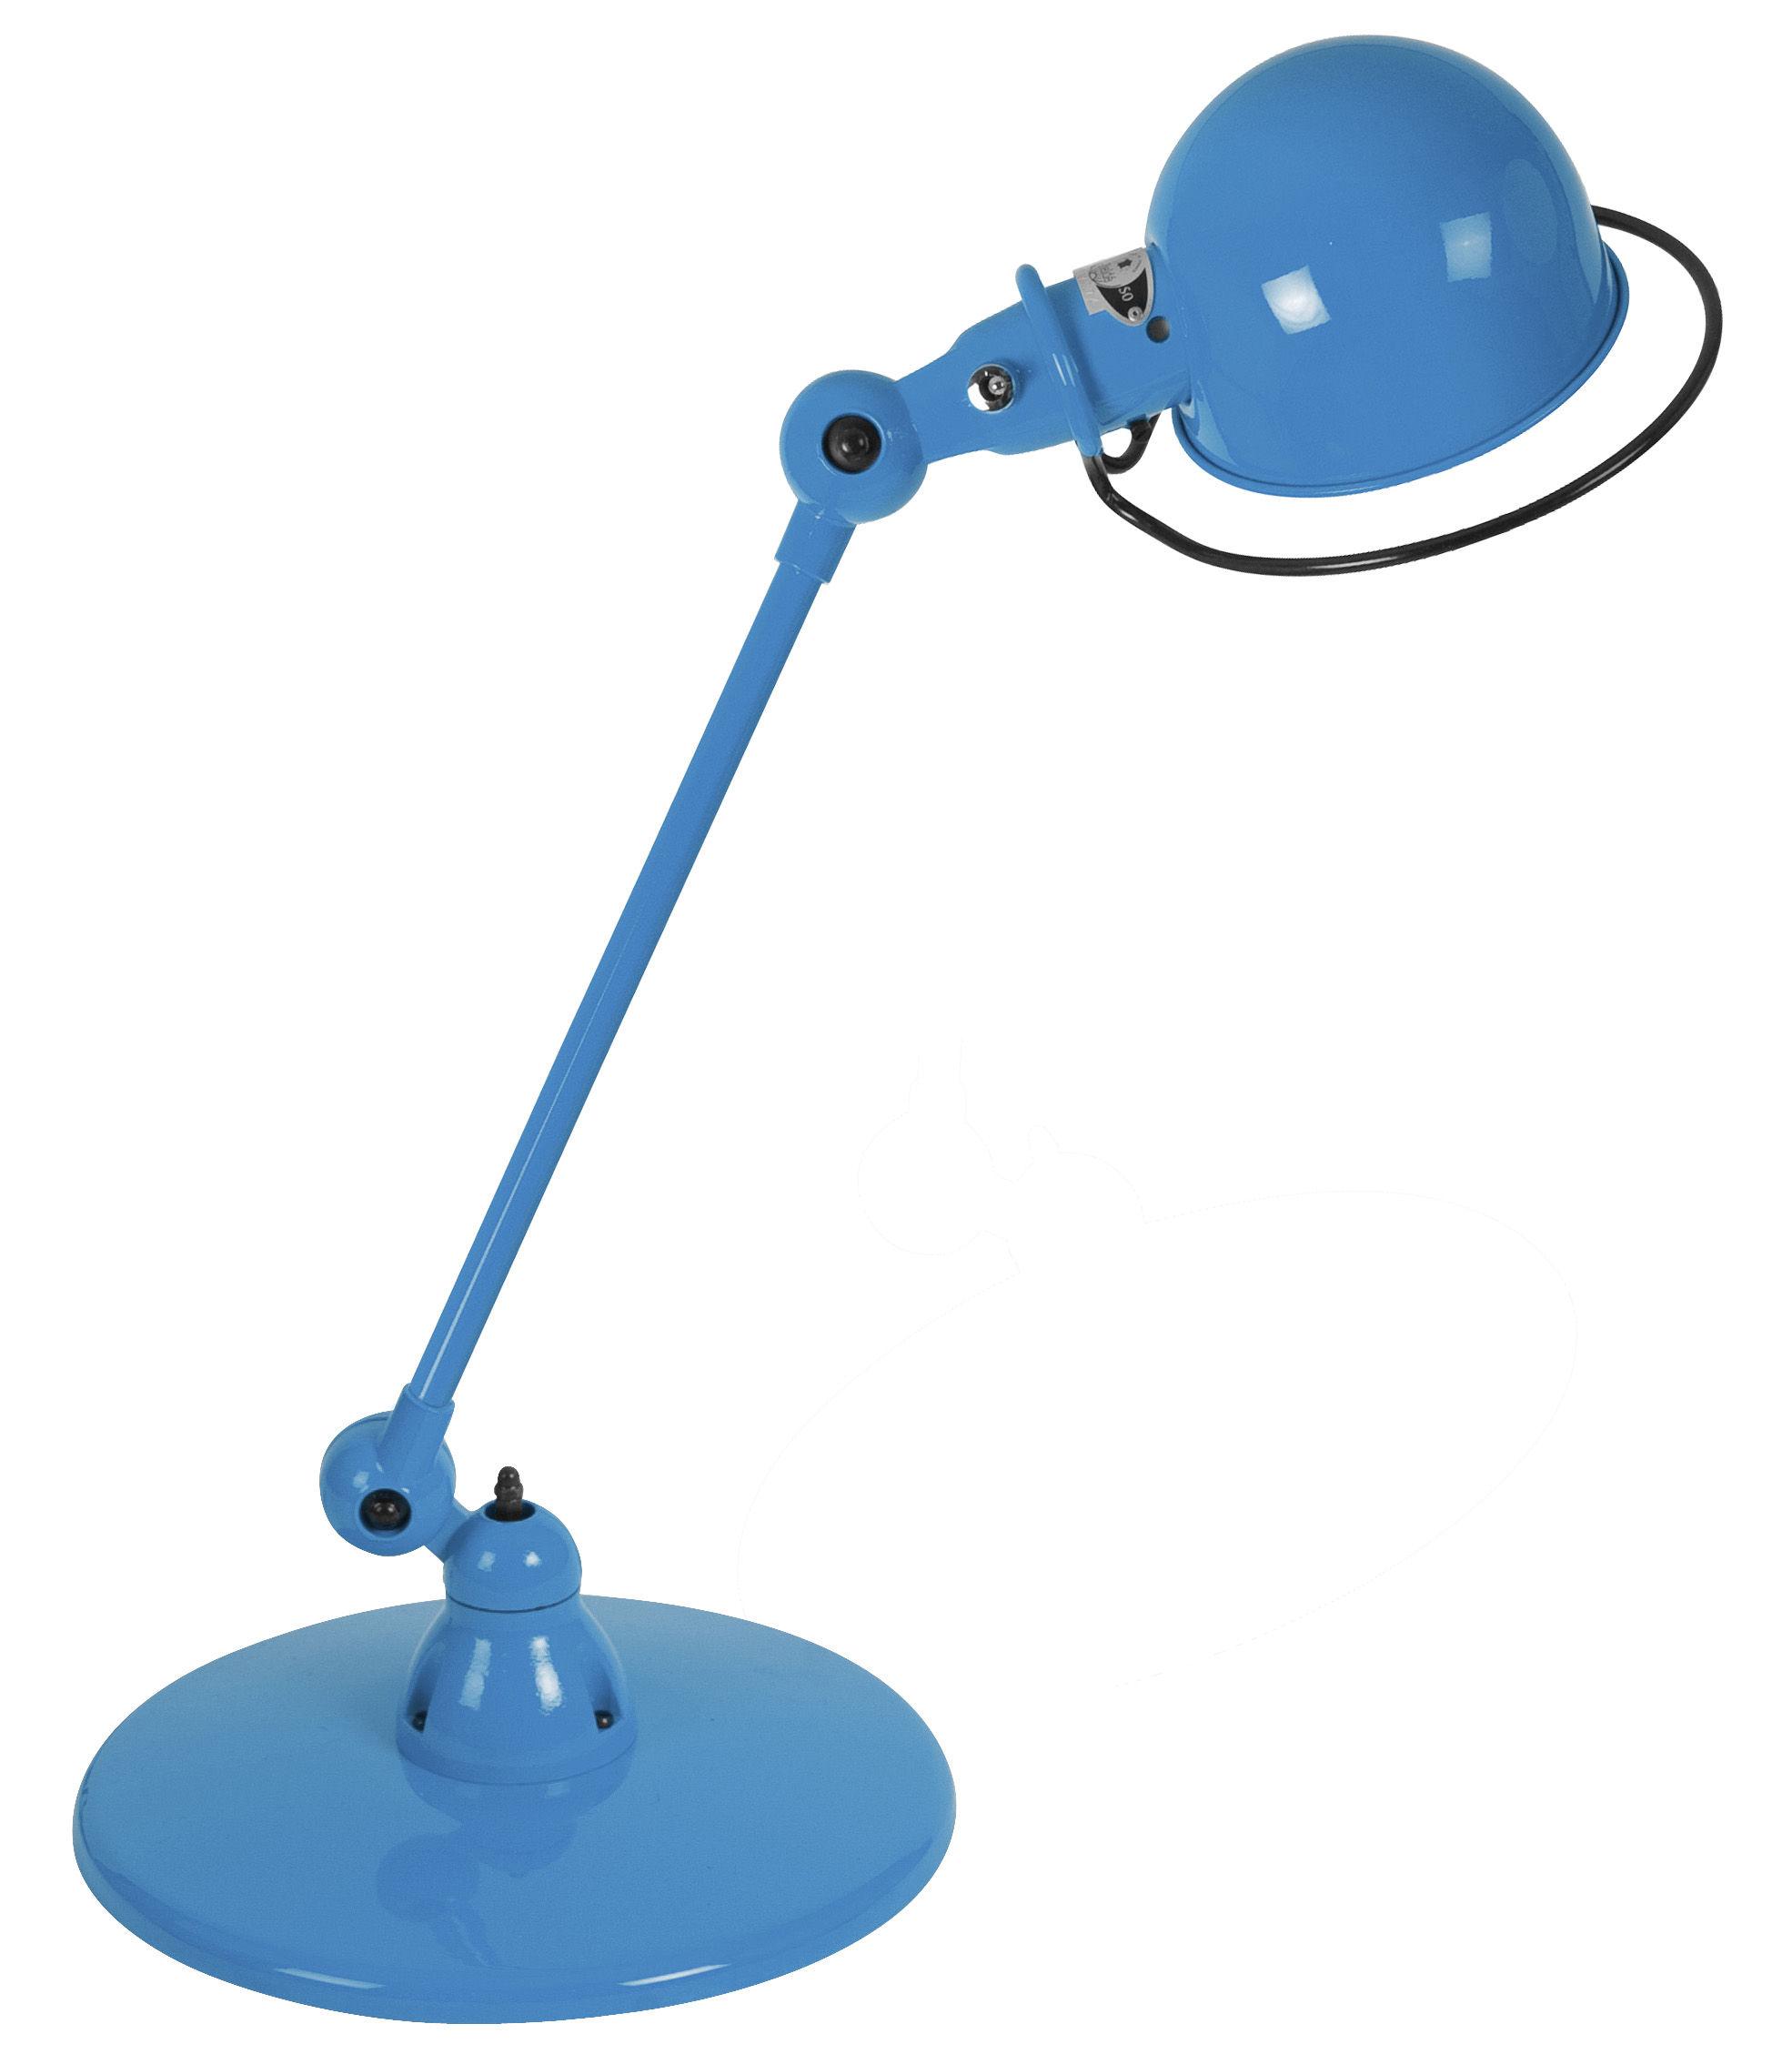 Leuchten - Tischleuchten - Loft Tischleuchte / mit Gelenkarm - L 60 cm - Jieldé - Blau-glänzend - rostfreier Stahl